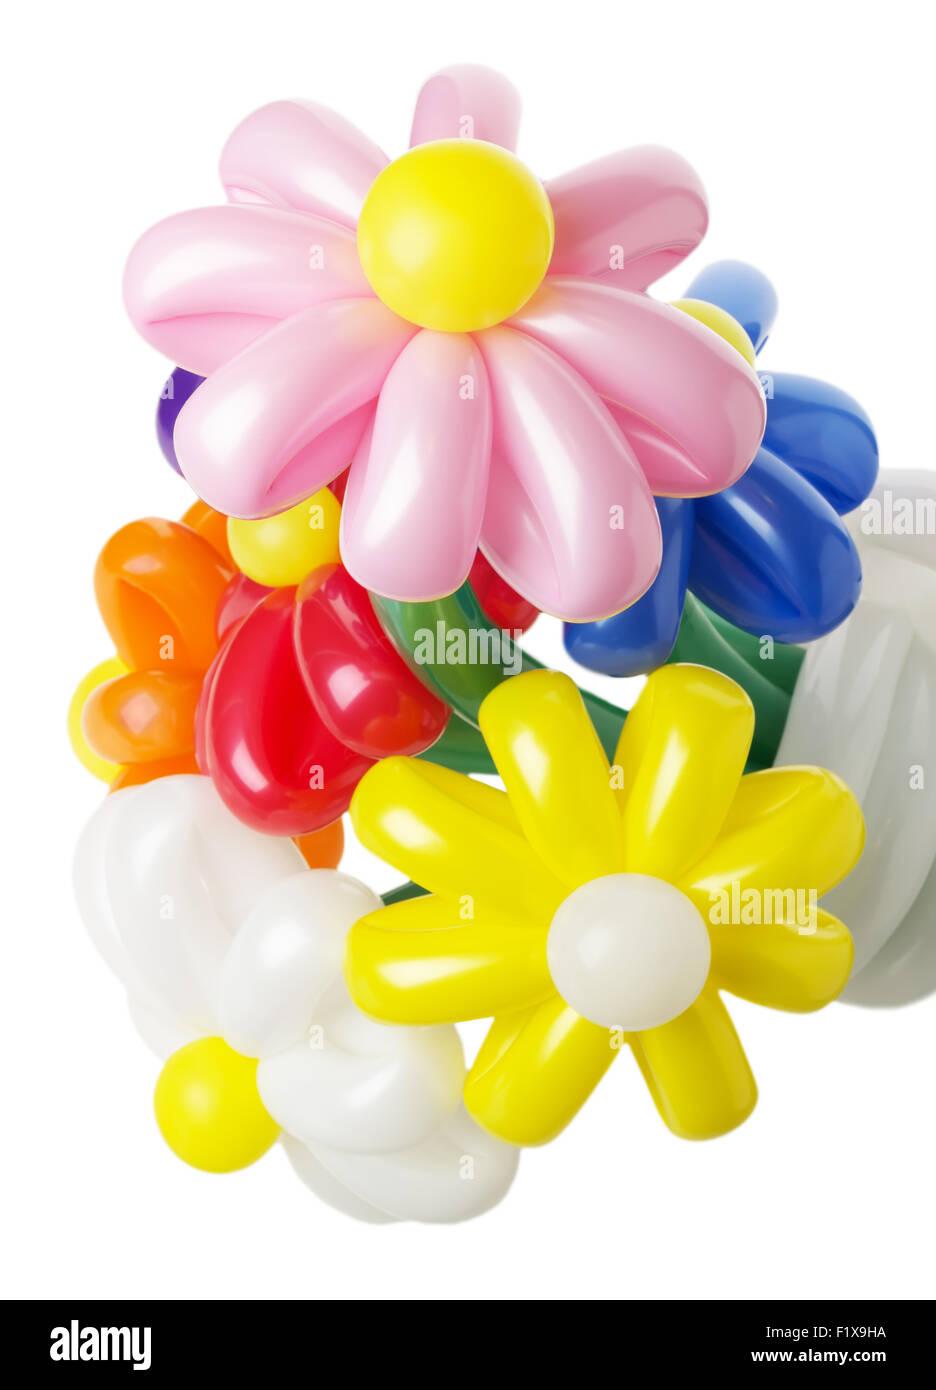 Balloon Bouquet Stock Photos Balloon Bouquet Stock Images Alamy